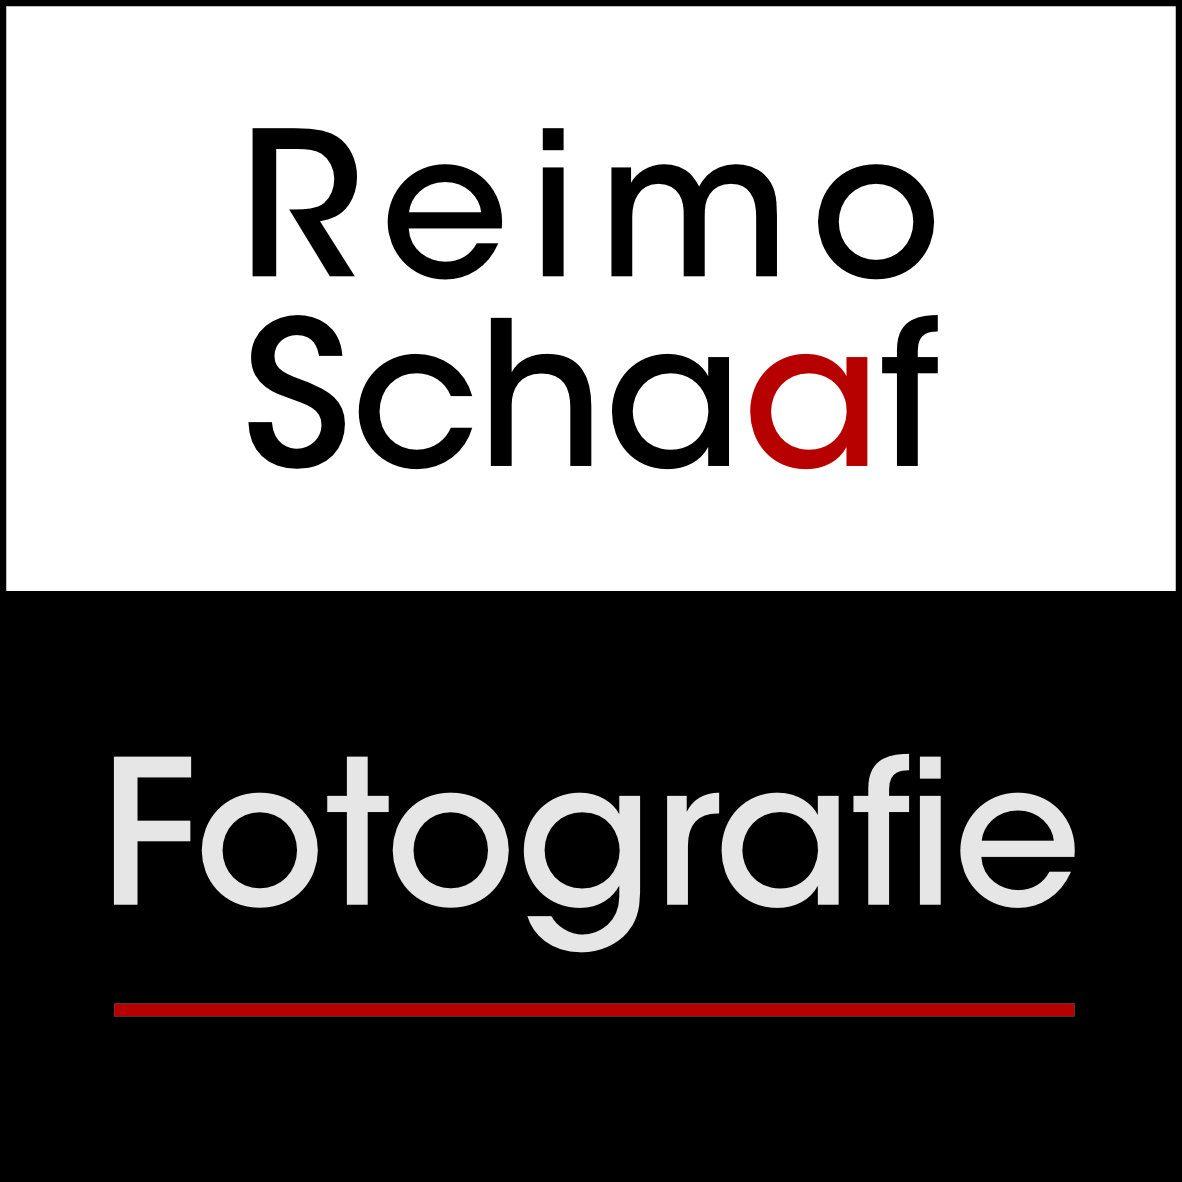 Reimo Schaaf Fotografie